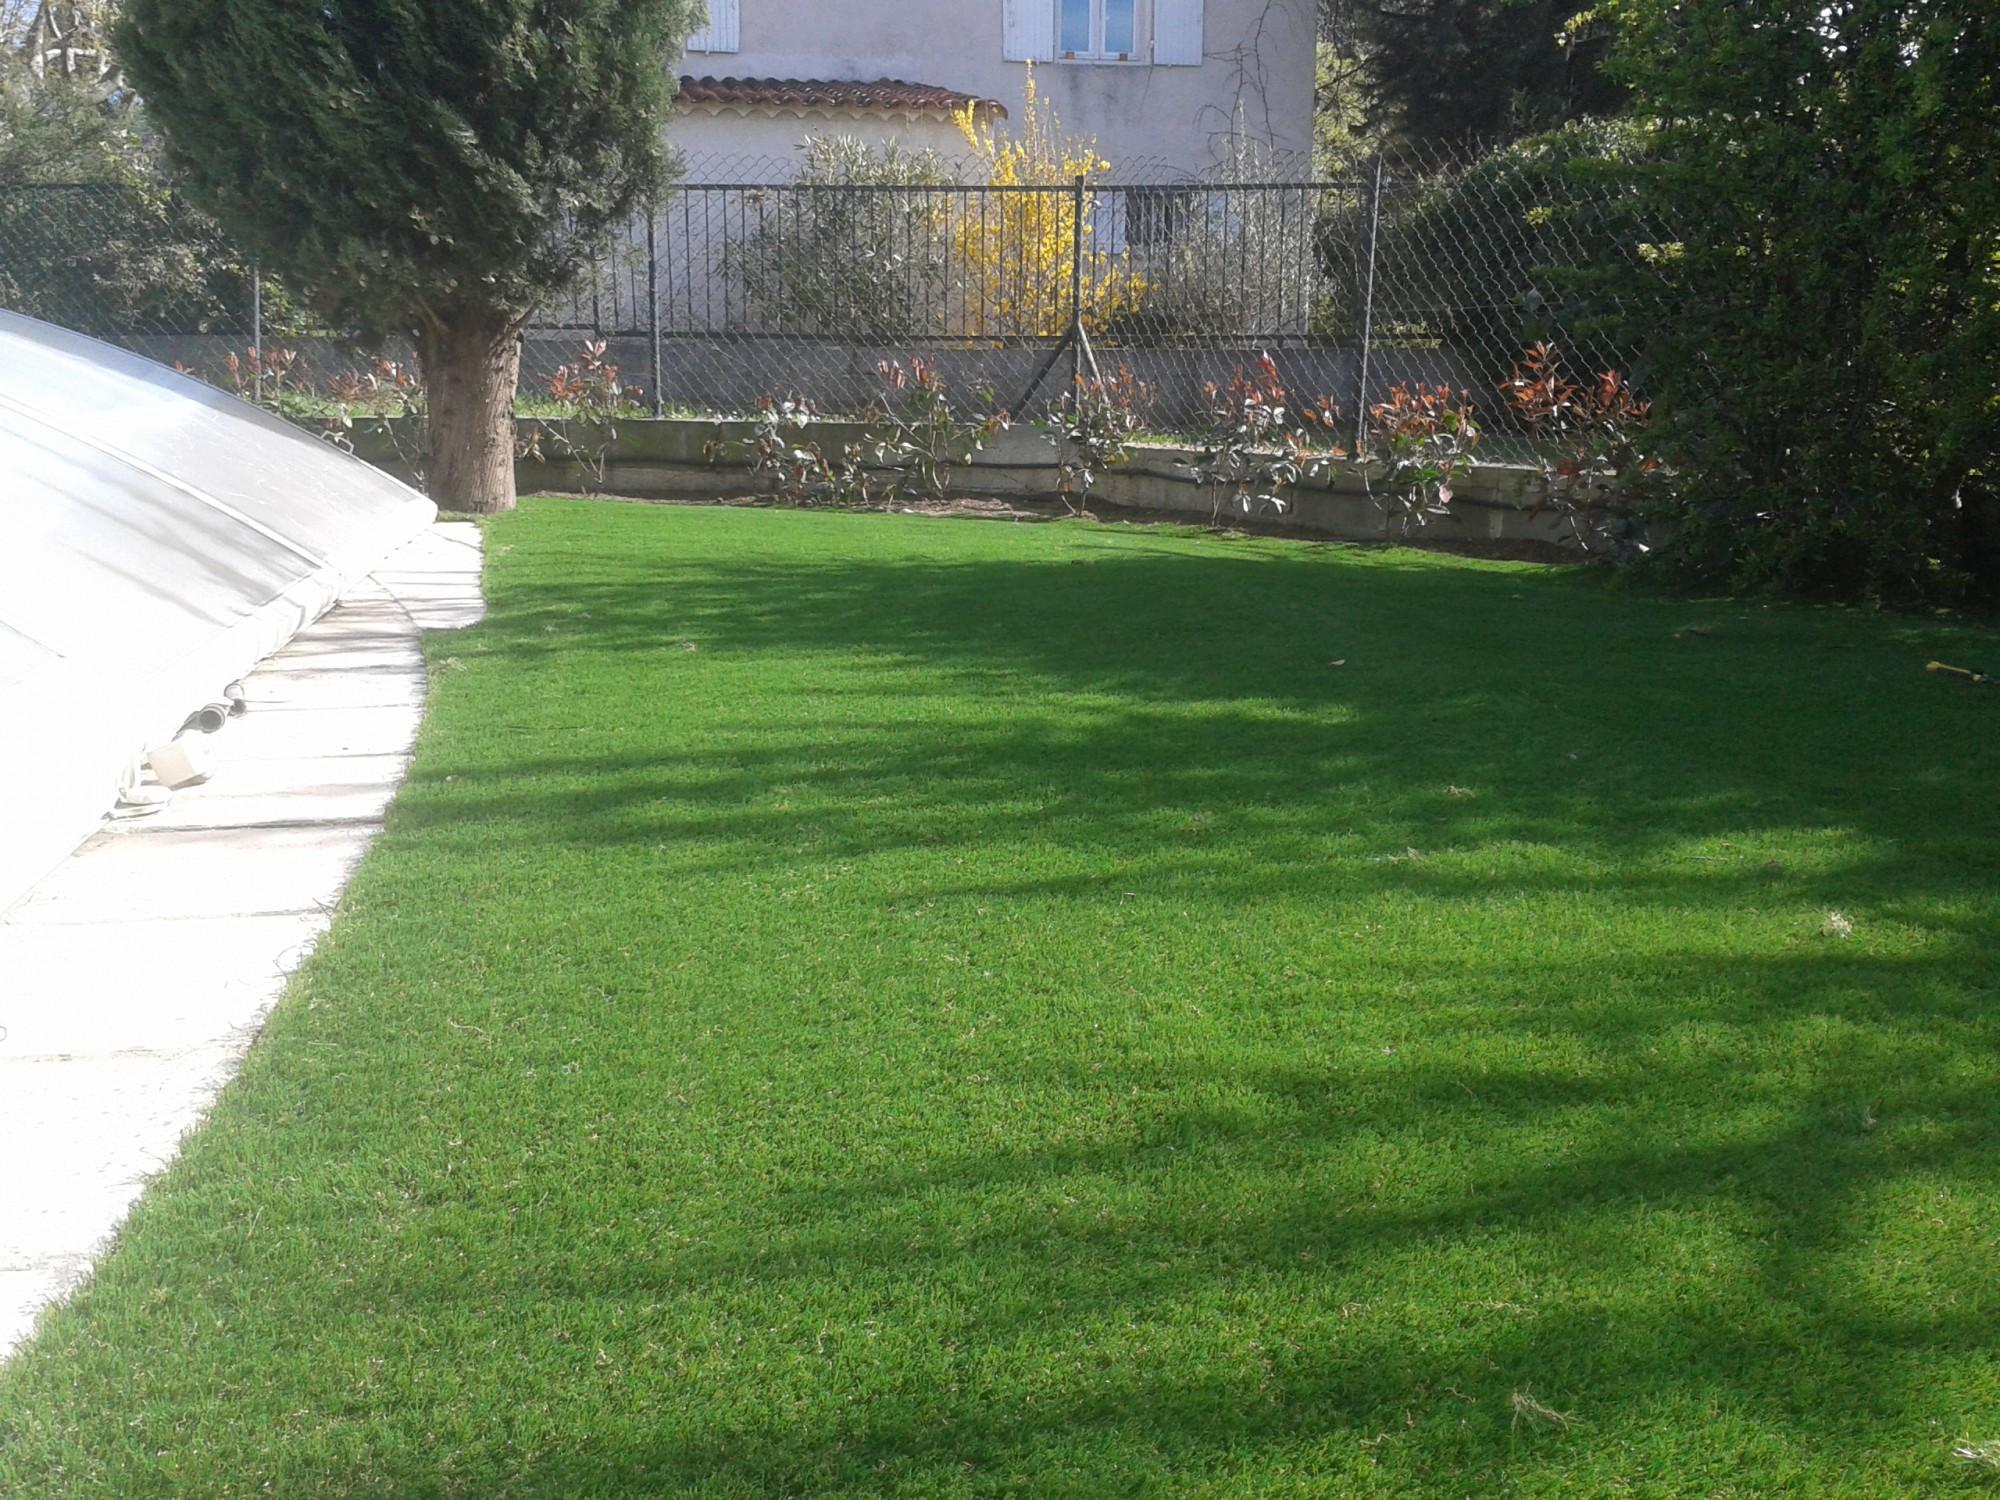 Acheter gazon synthetique maison design - Acheter de la paille pour jardin ...